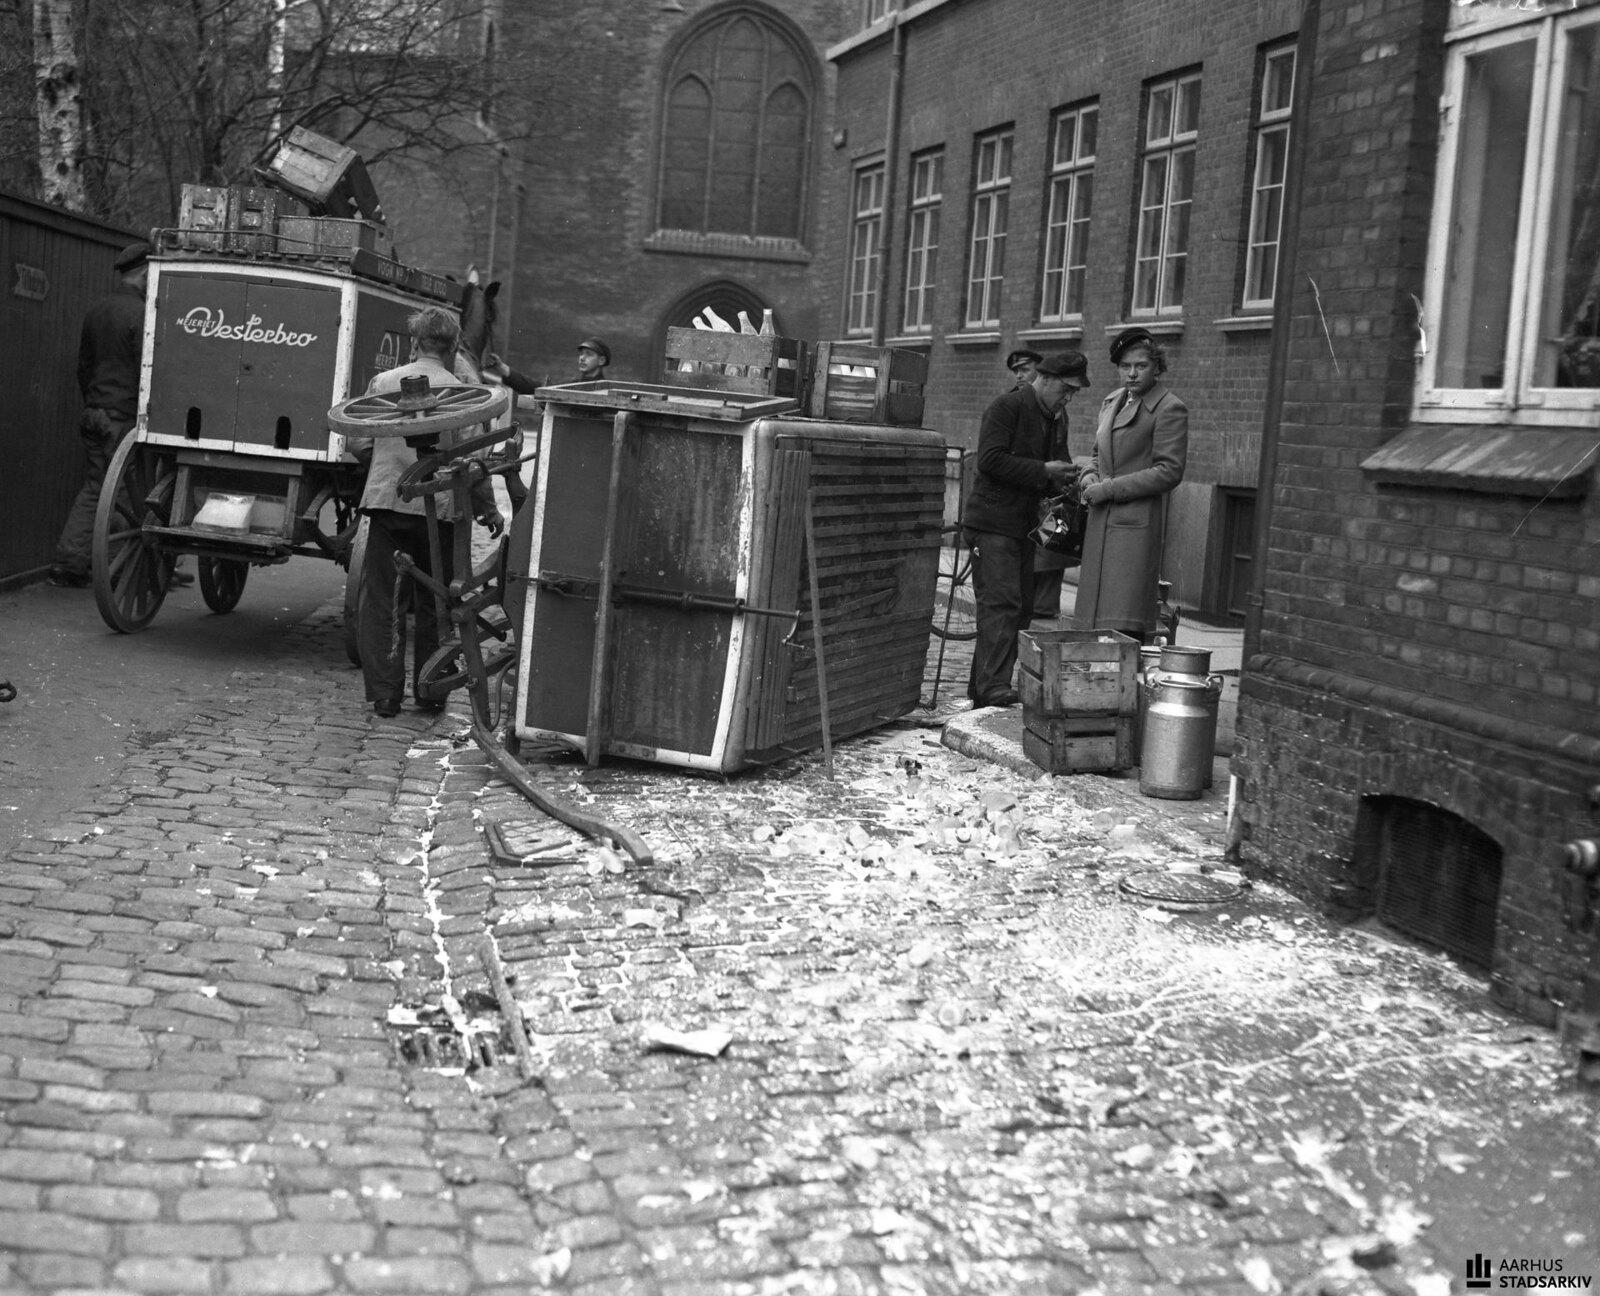 1941. Перевернувшийся молоковоз в Вестербро